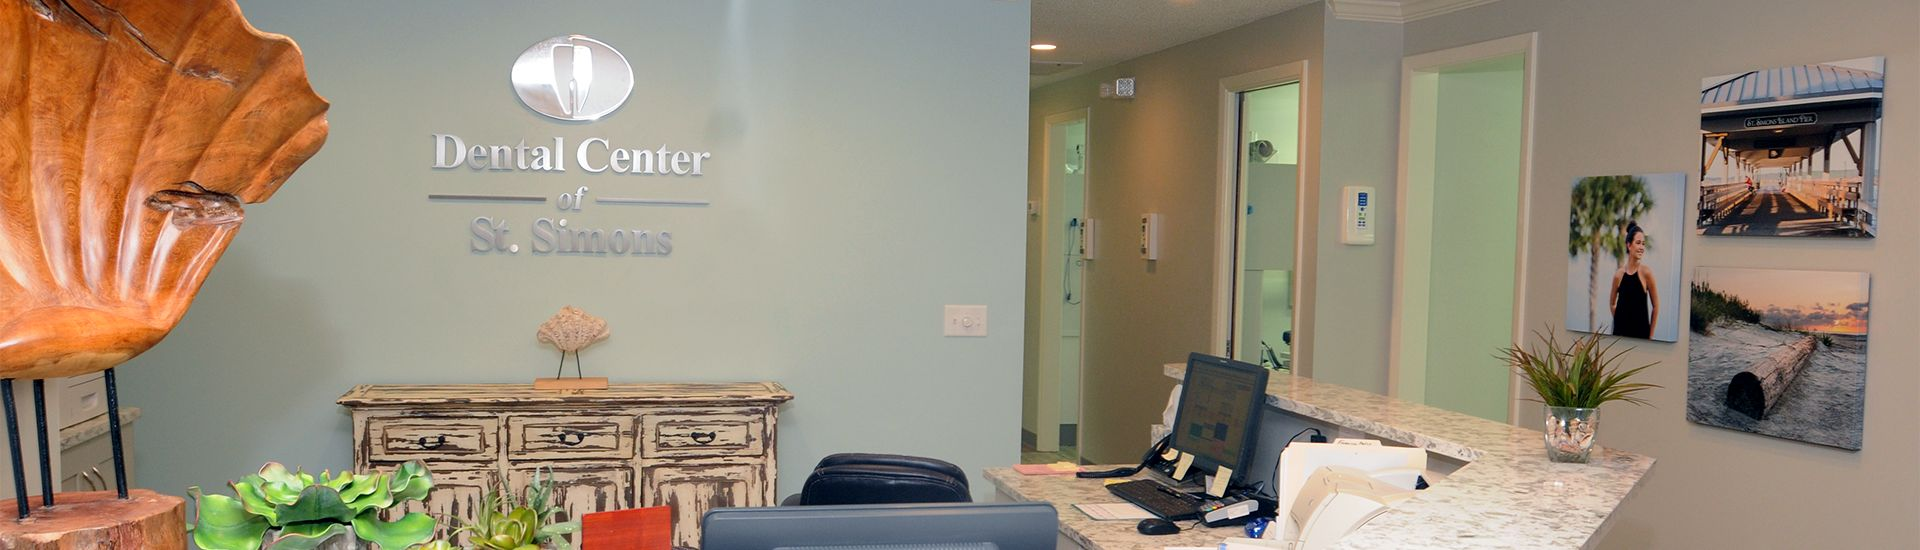 Dental Center of St. Simons